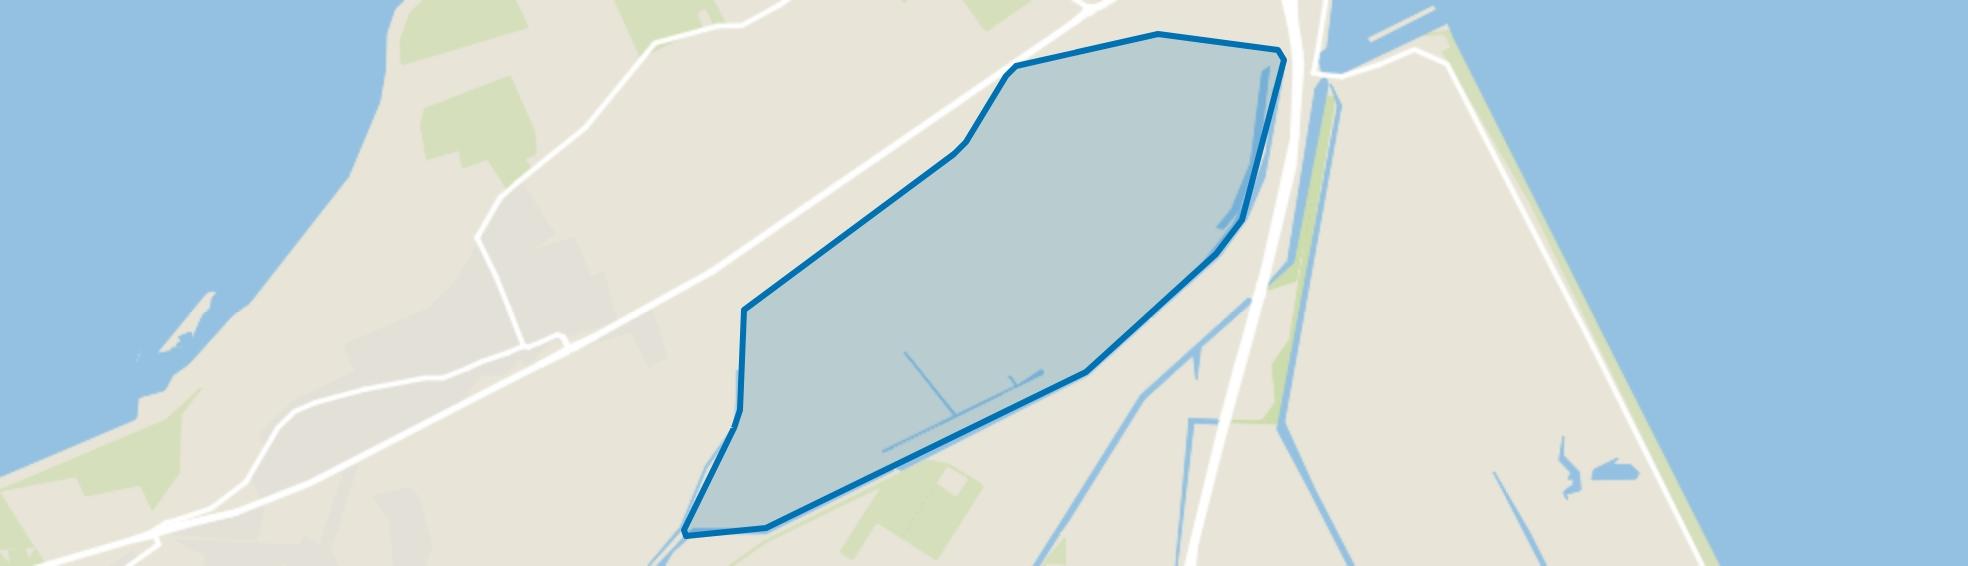 Verspreide huizen Waard-Nieuwlandpolder, Hippolytushoef map